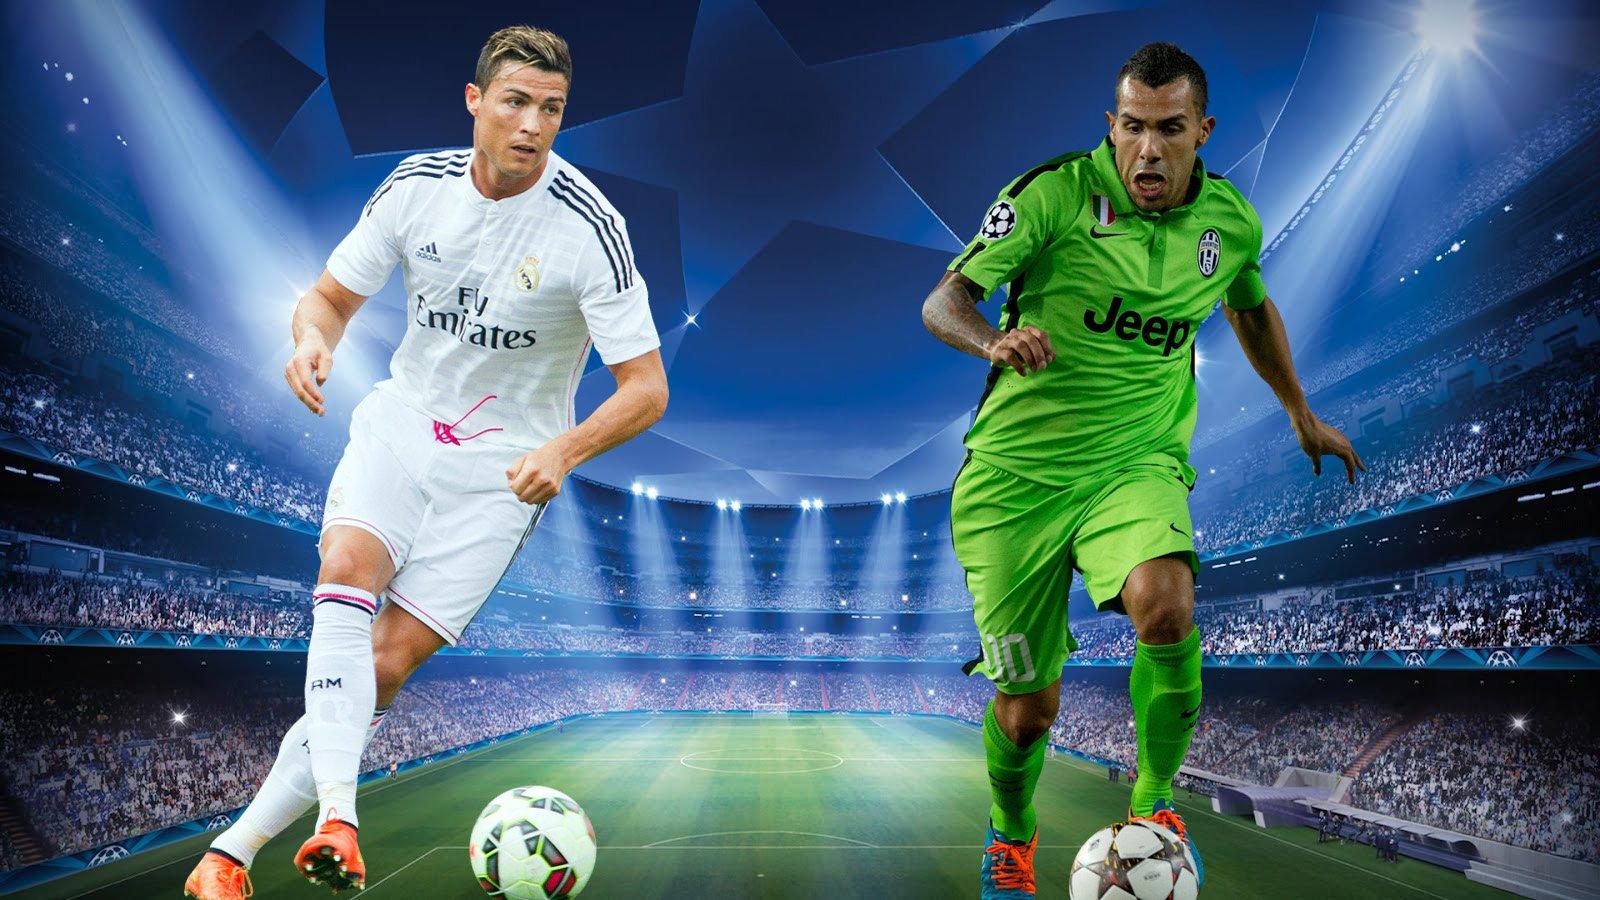 Juventus Turin Vs Real Madrid